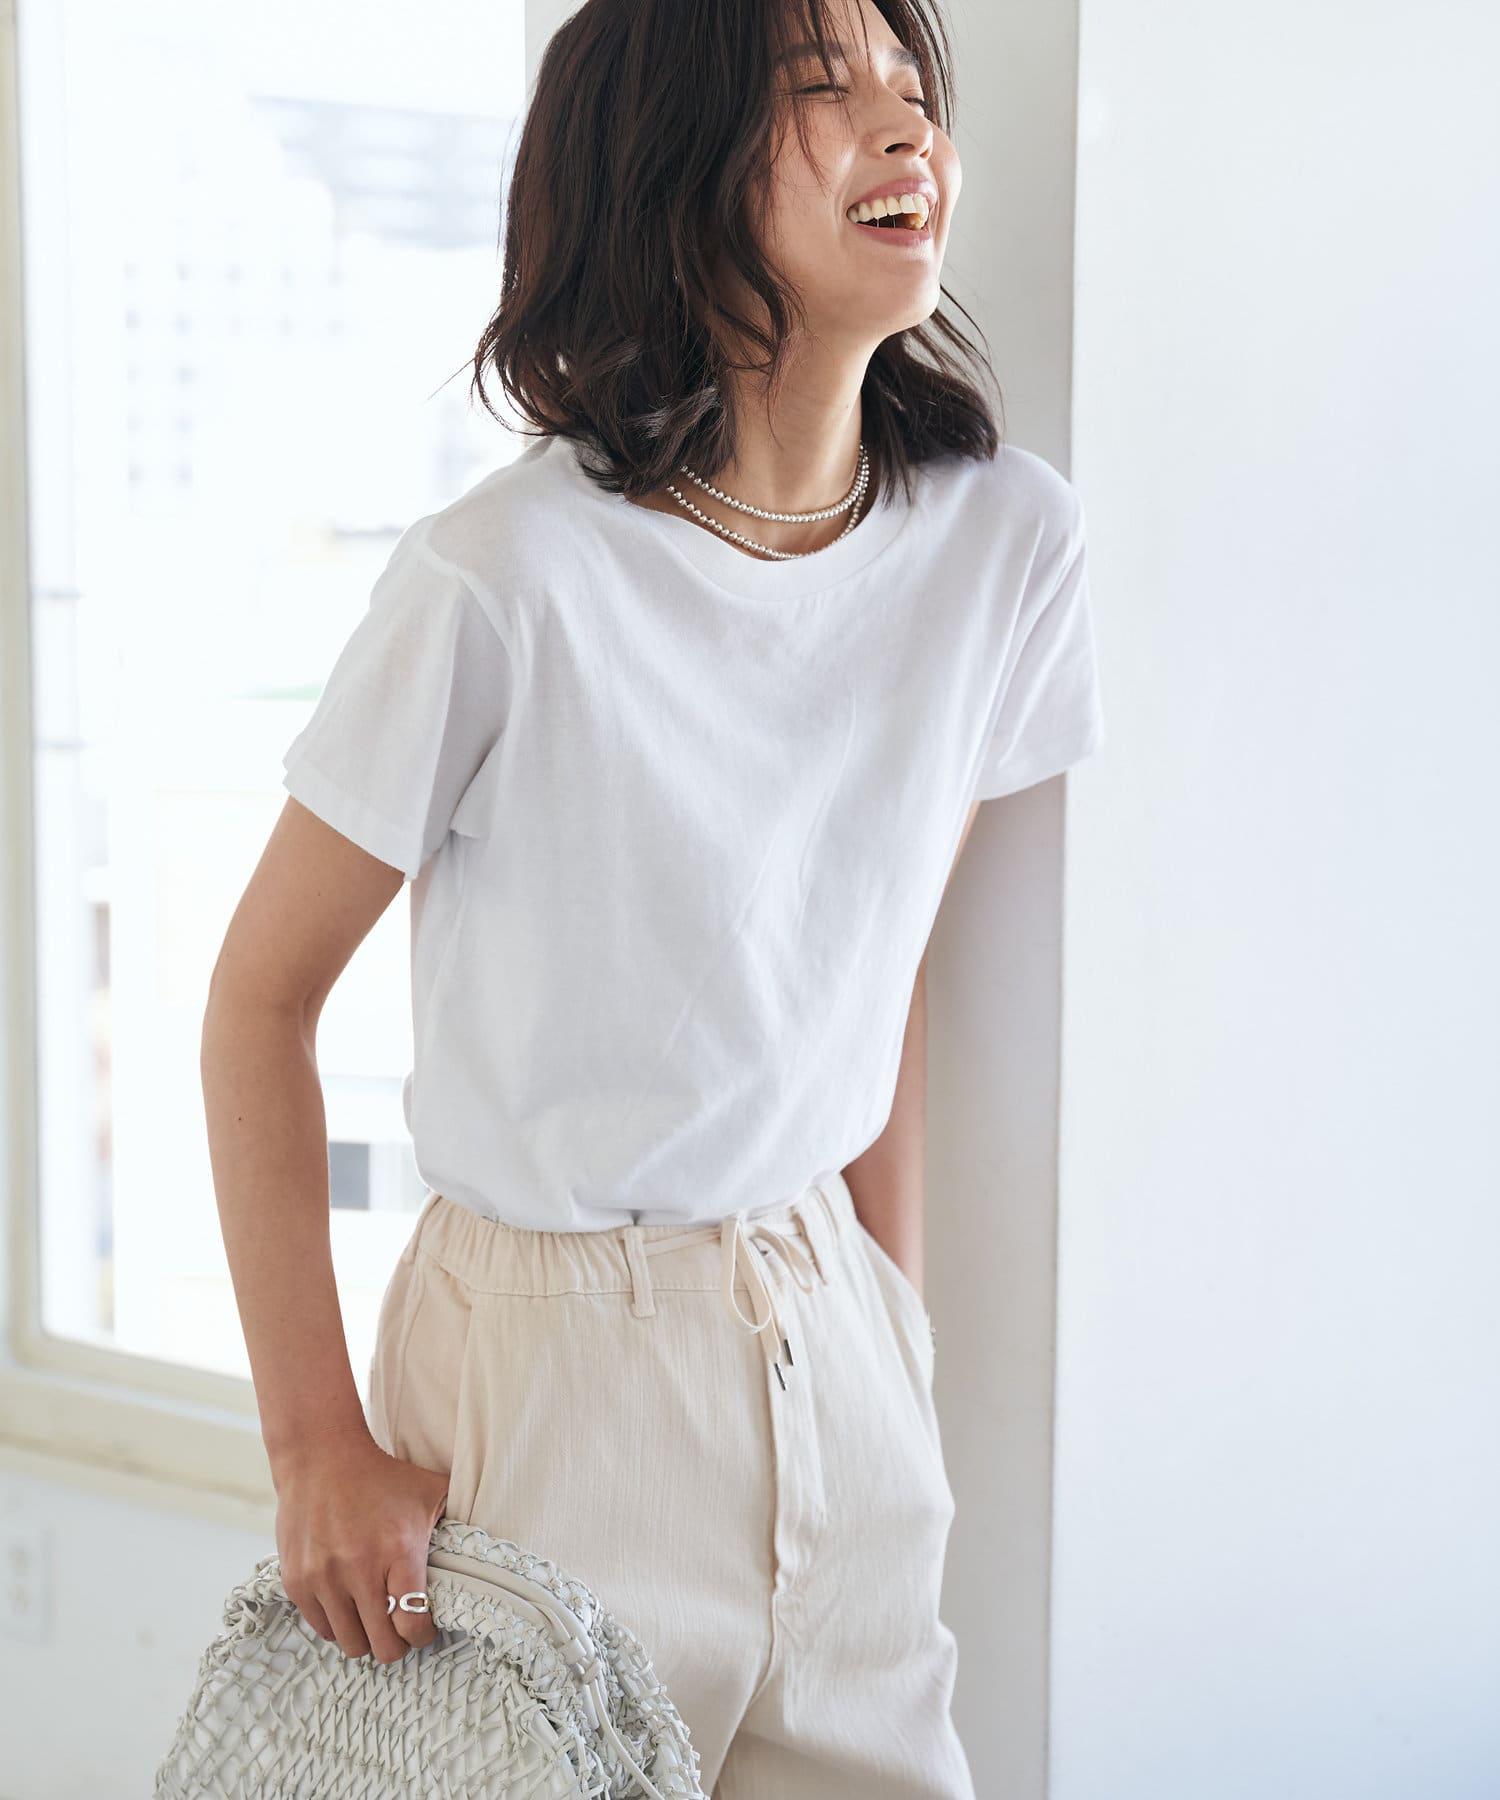 RIVE DROITE(リヴドロワ) レディース 【girl Dangerous/ガールデンジャラス】ワイドTシャツ ホワイト